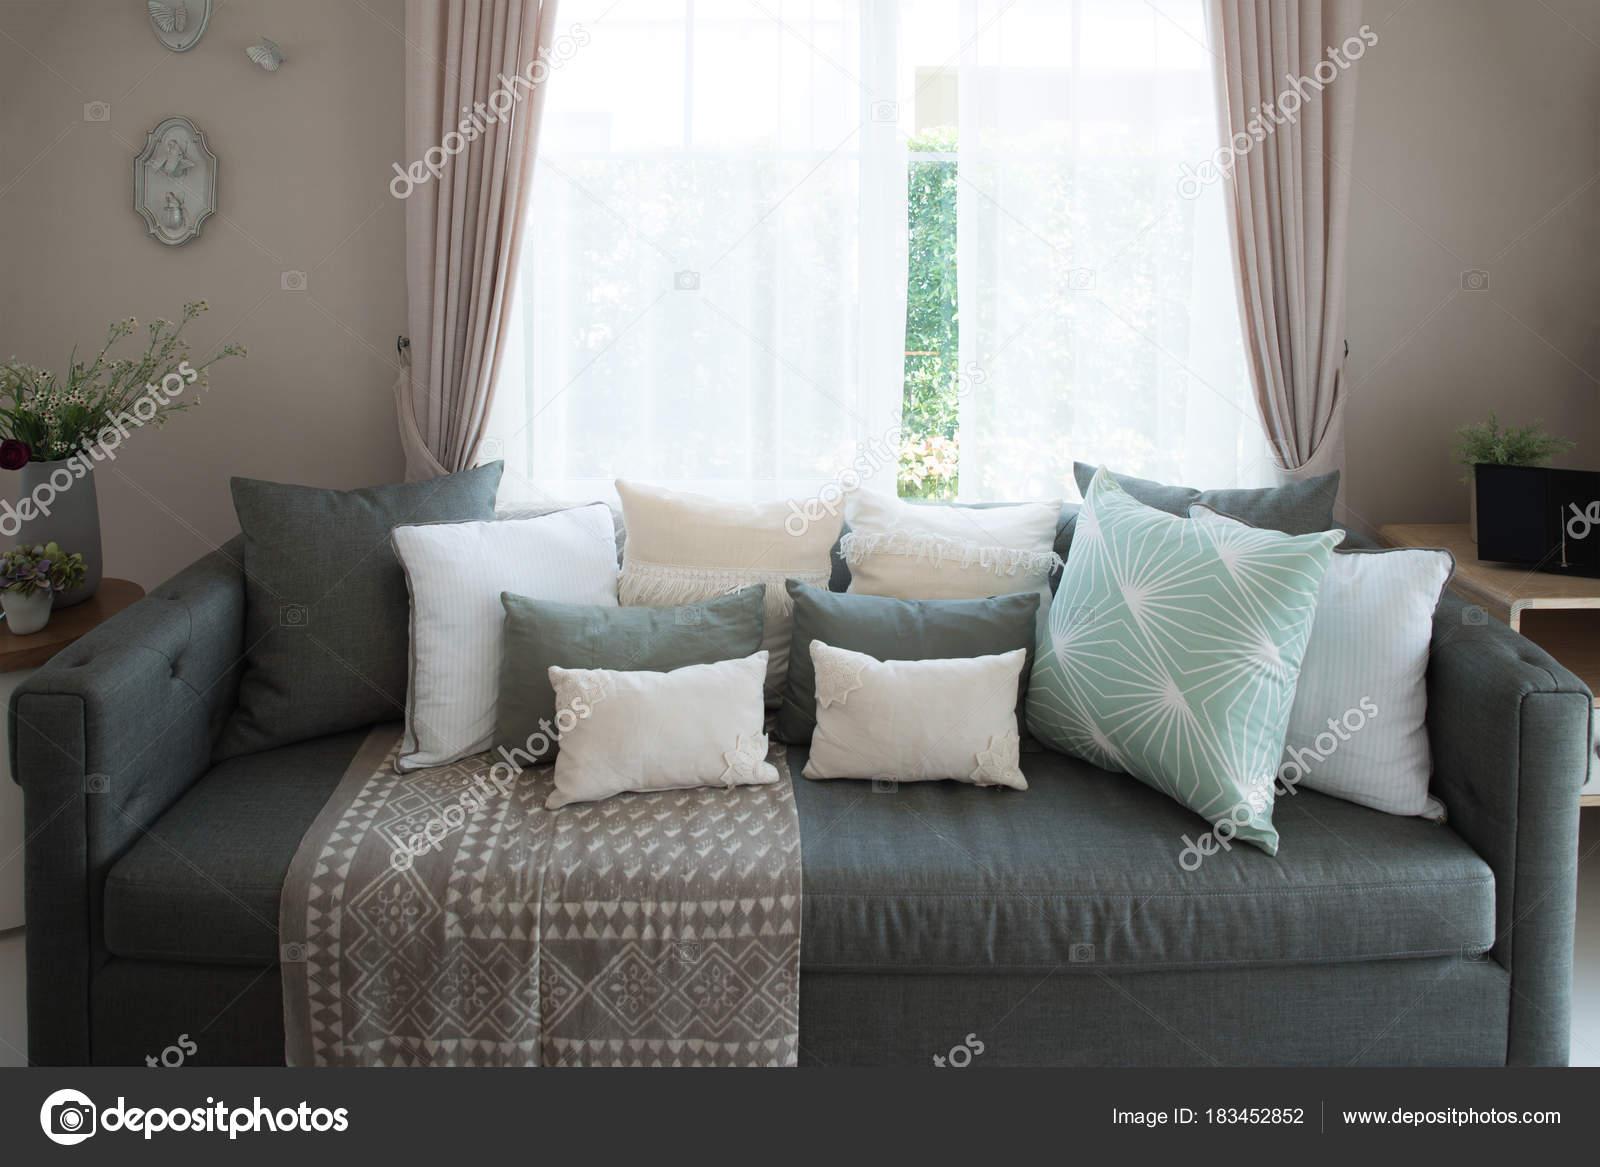 Lounge-Sofa und bunten Kissen in Lounge im Wohnzimmer im Haus ...